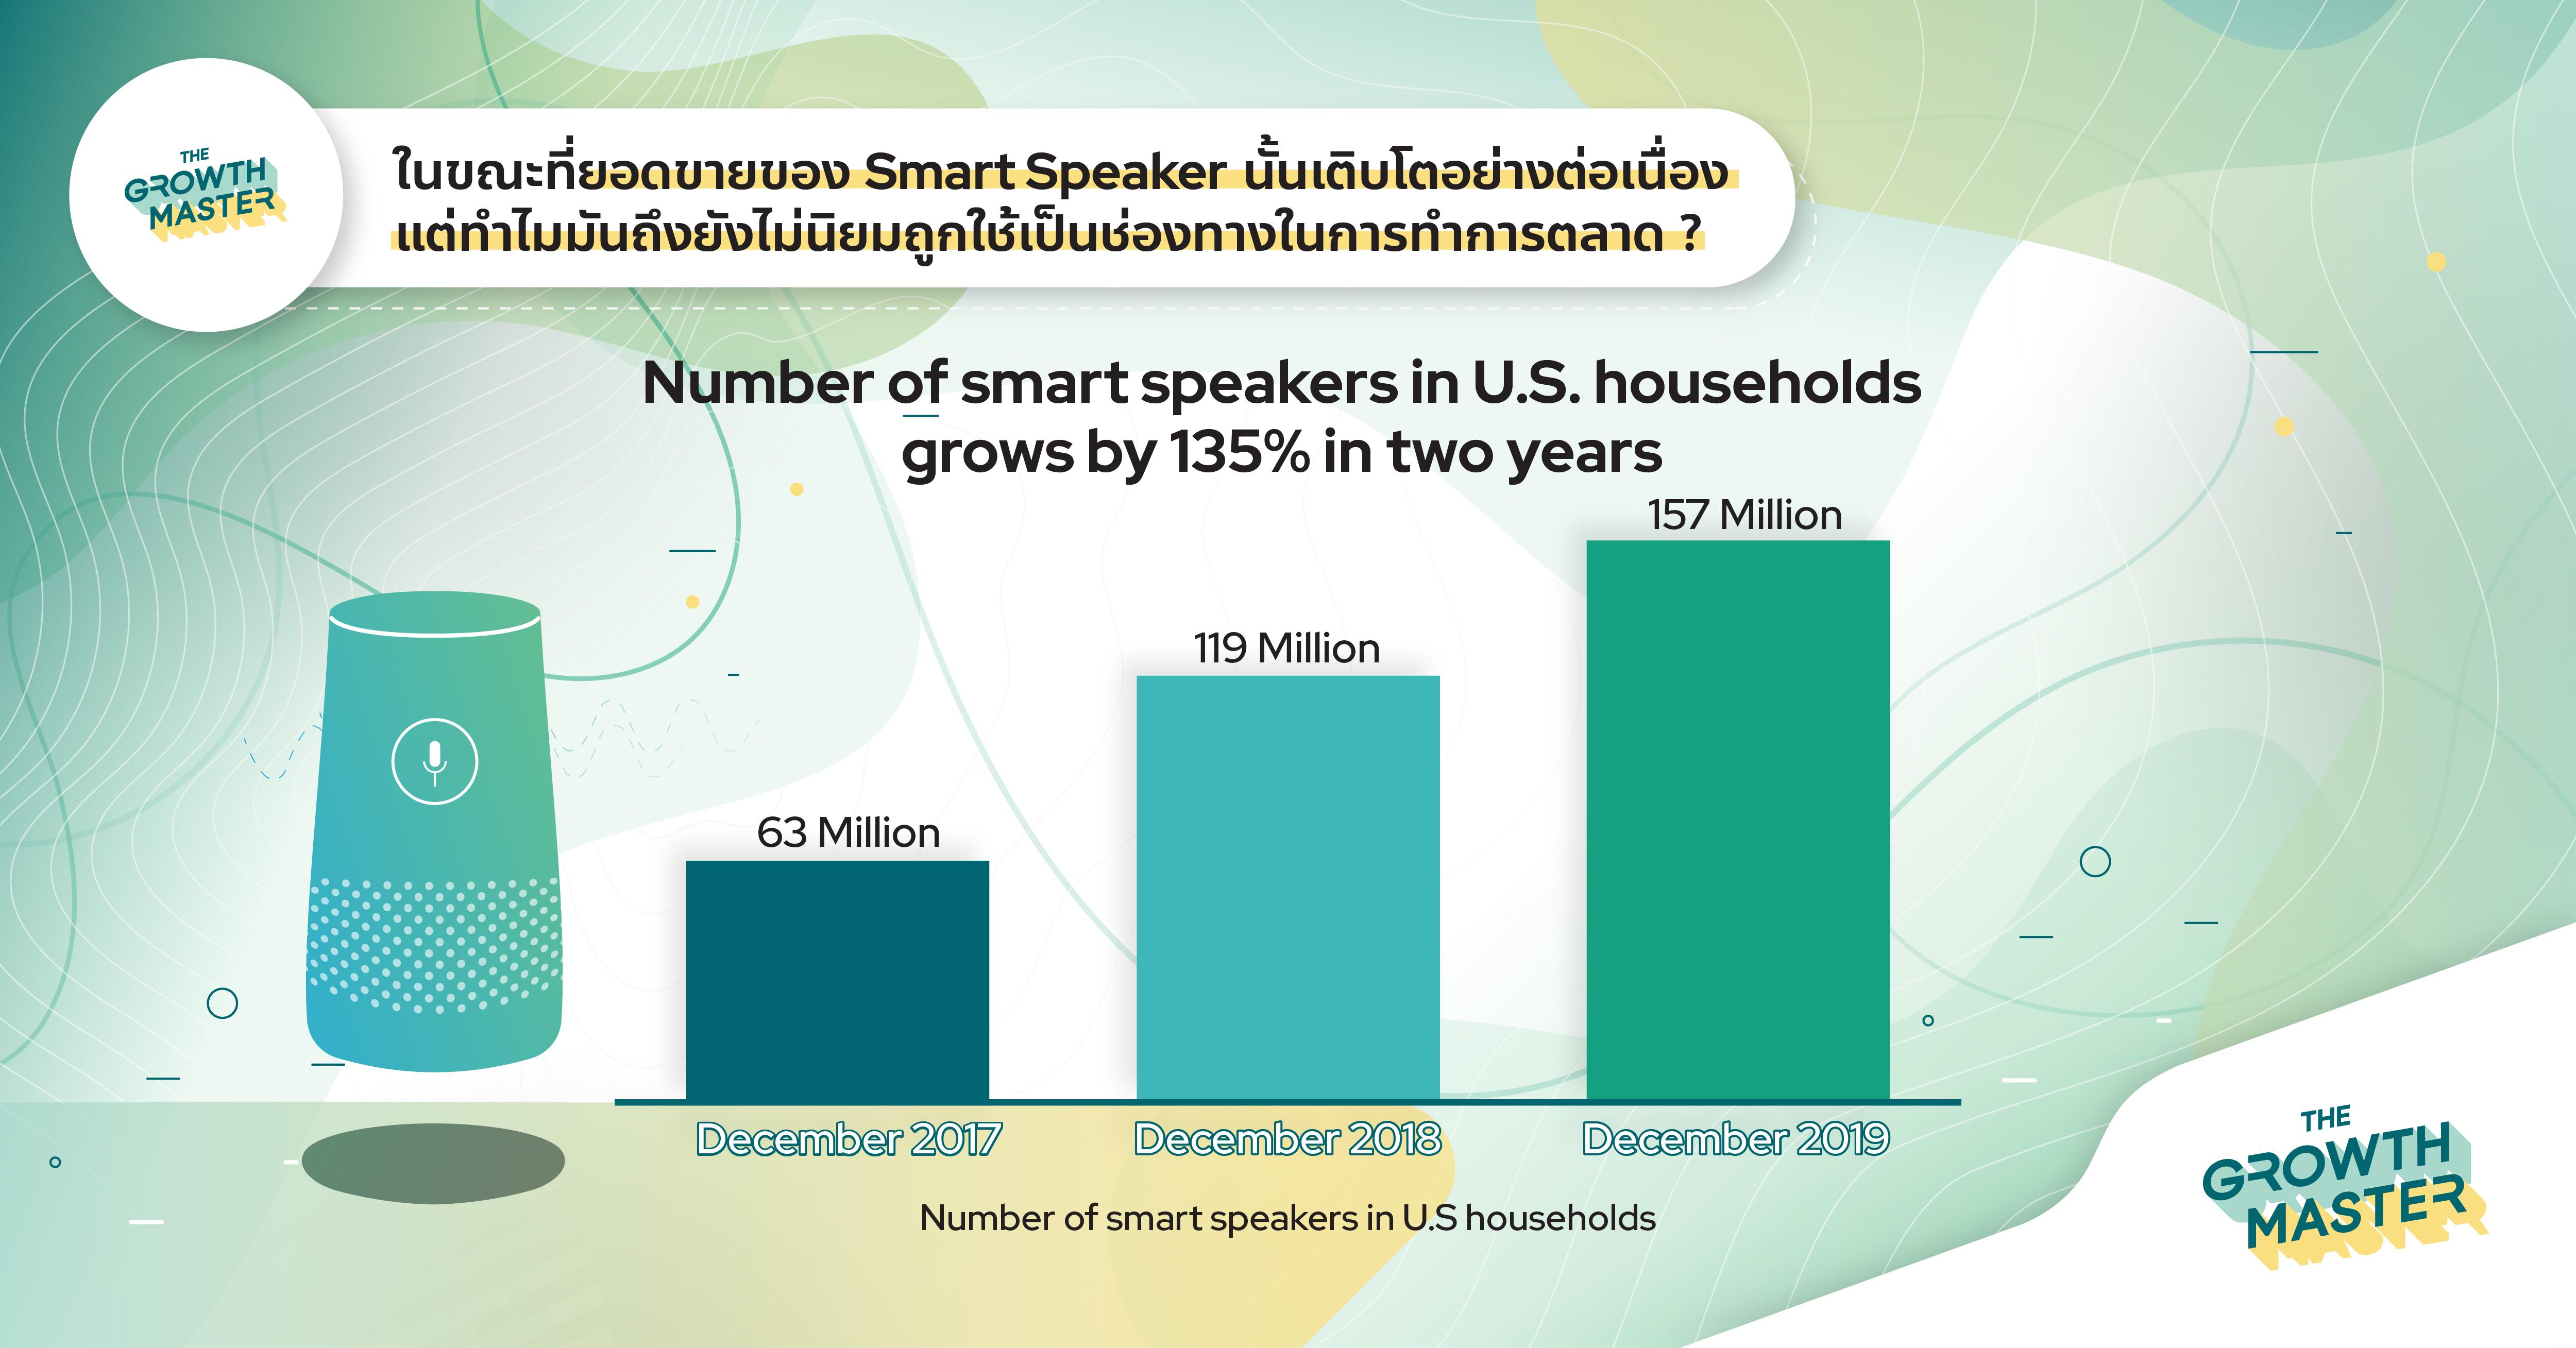 ยอดขายของ Smart Speaker เติบโต แต่ทำไมมันถึงยังไม่เป็น Marketing Channel ?